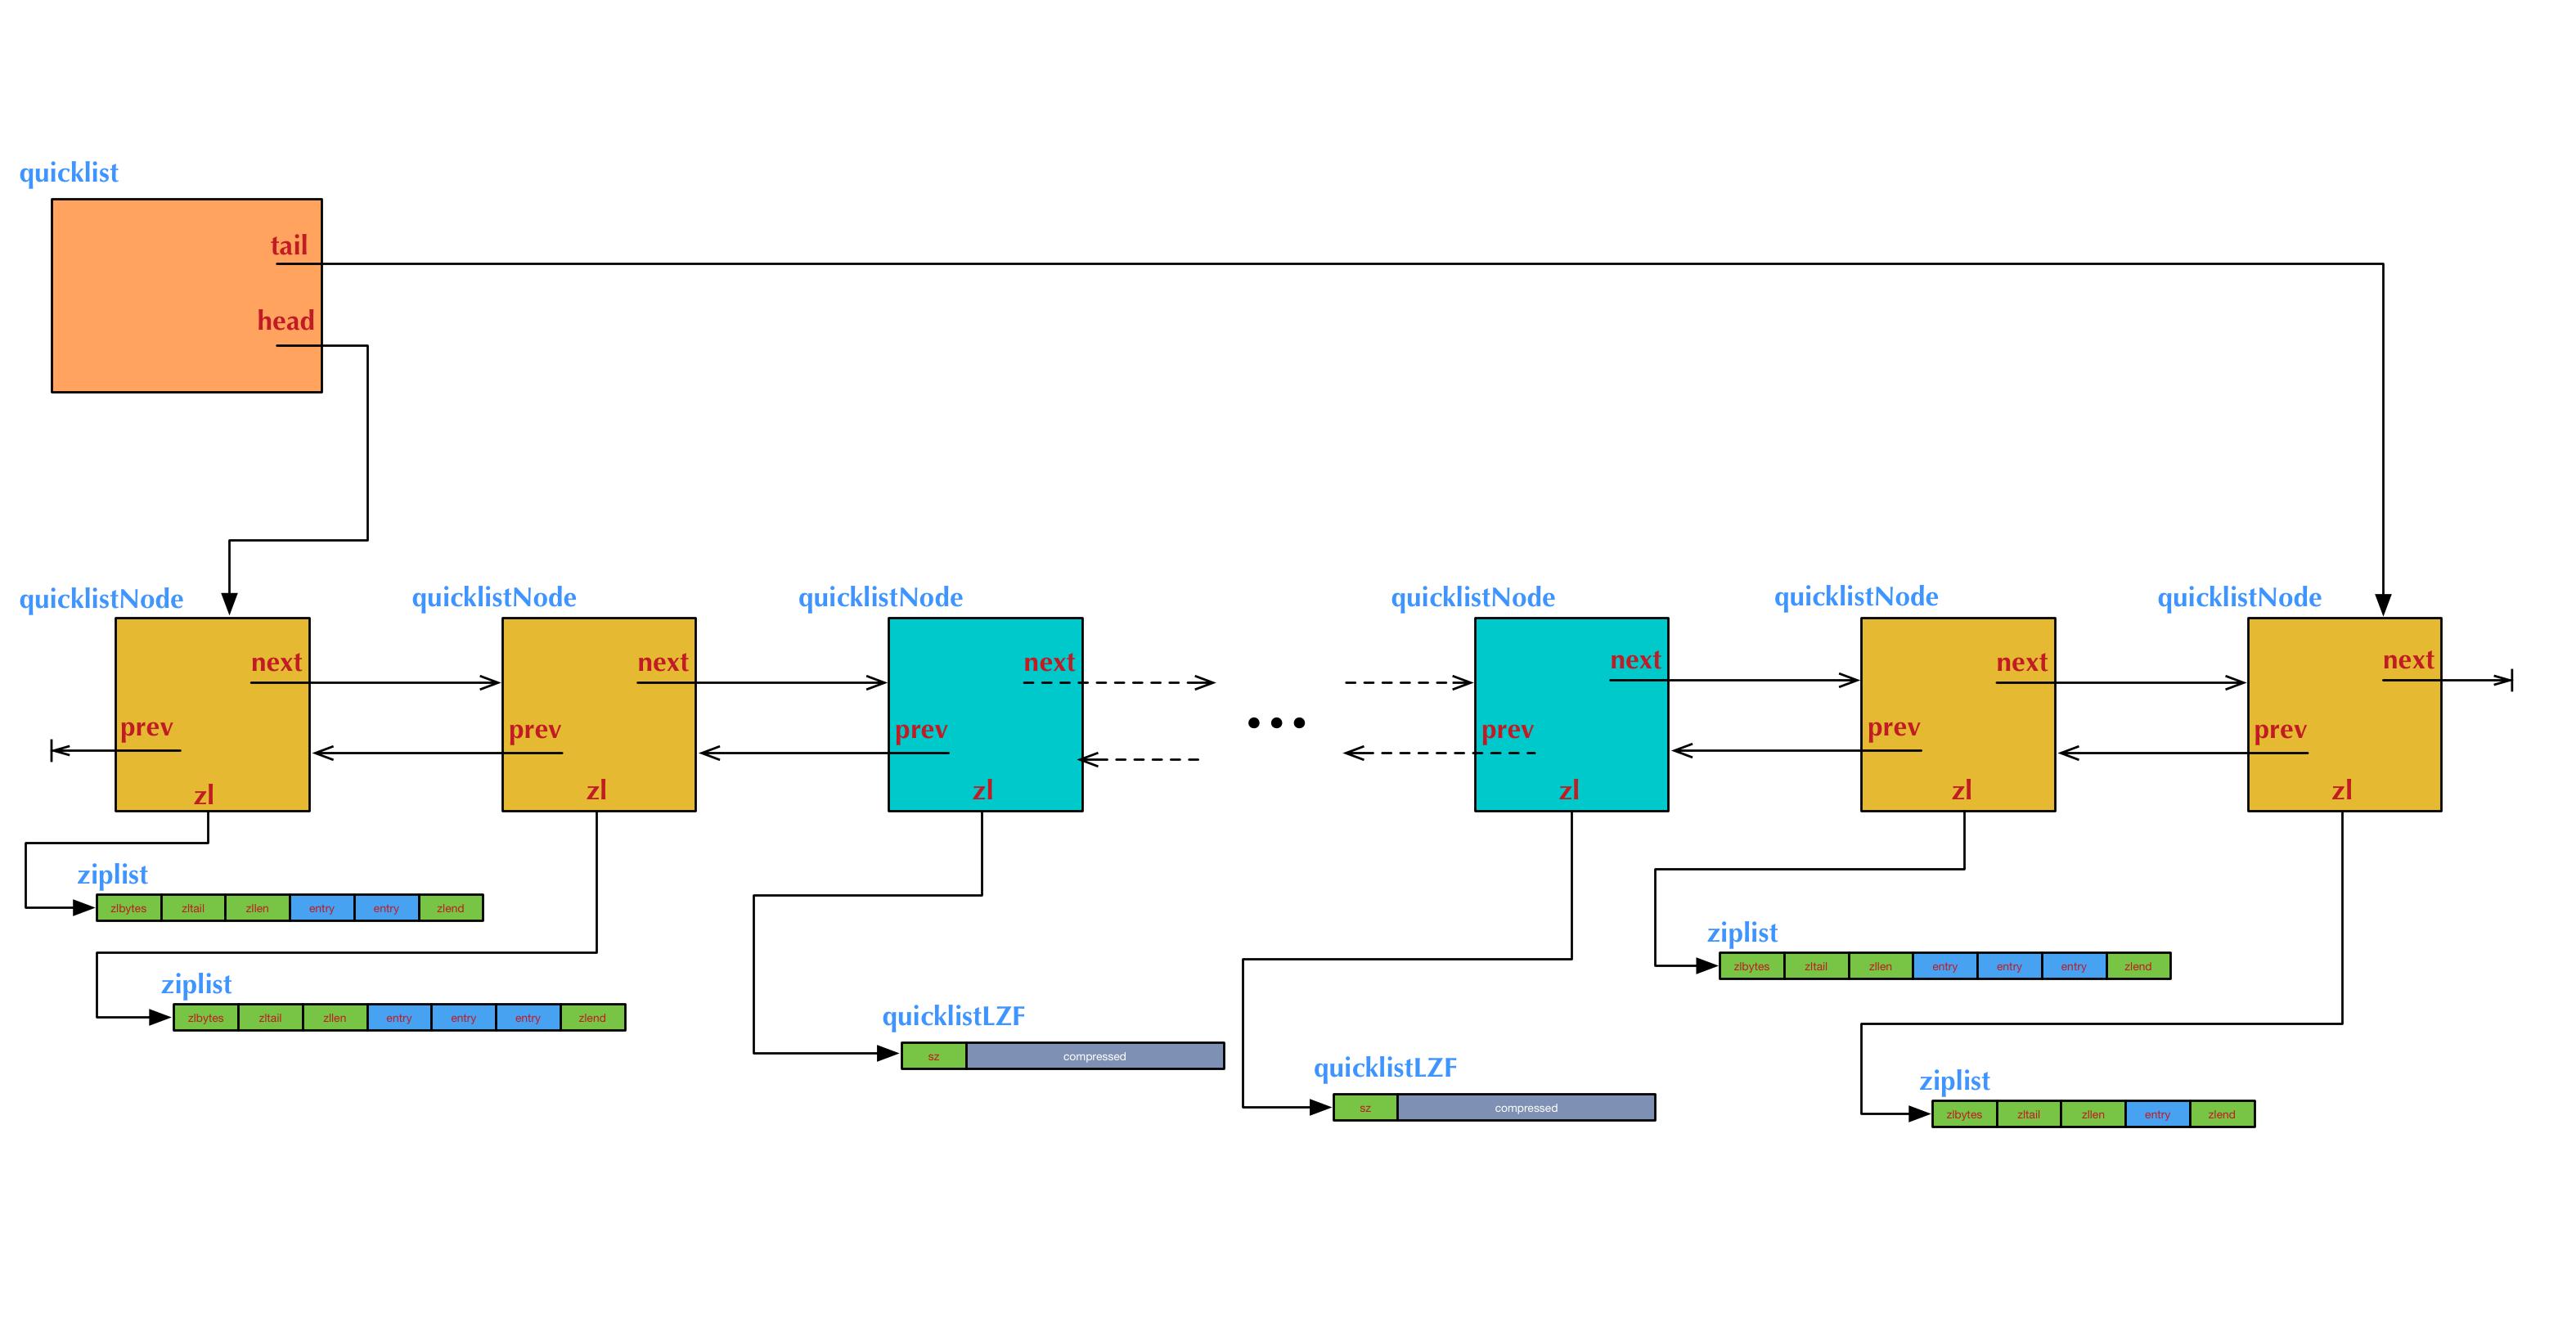 redis内部数据结构详解(5)——quicklist